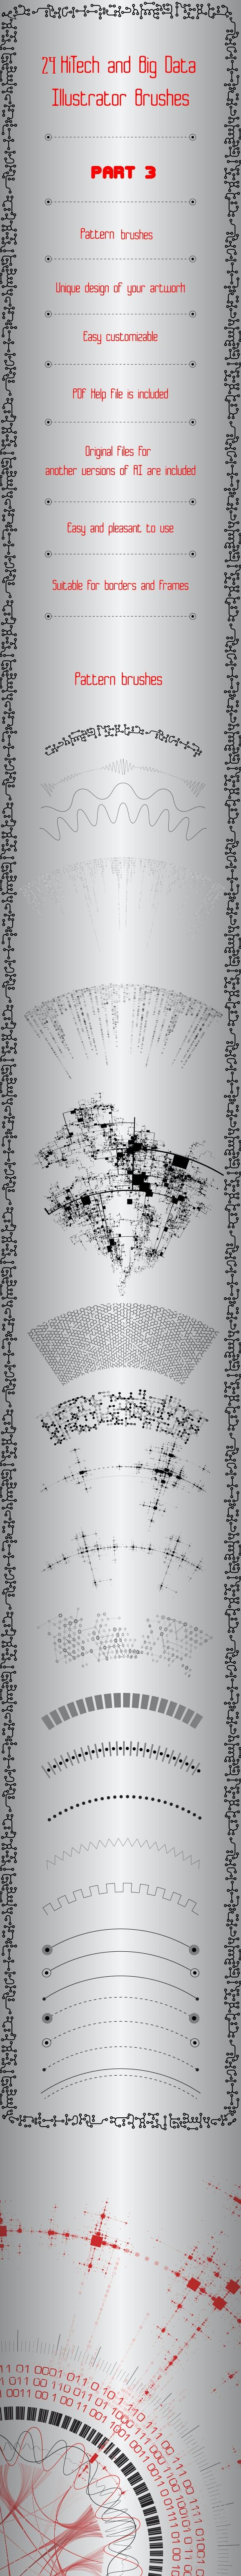 24 HiTech and Big Data Brushes - Technology Illustrator Brushes - Part 3 - Techno / Futuristic Brushes